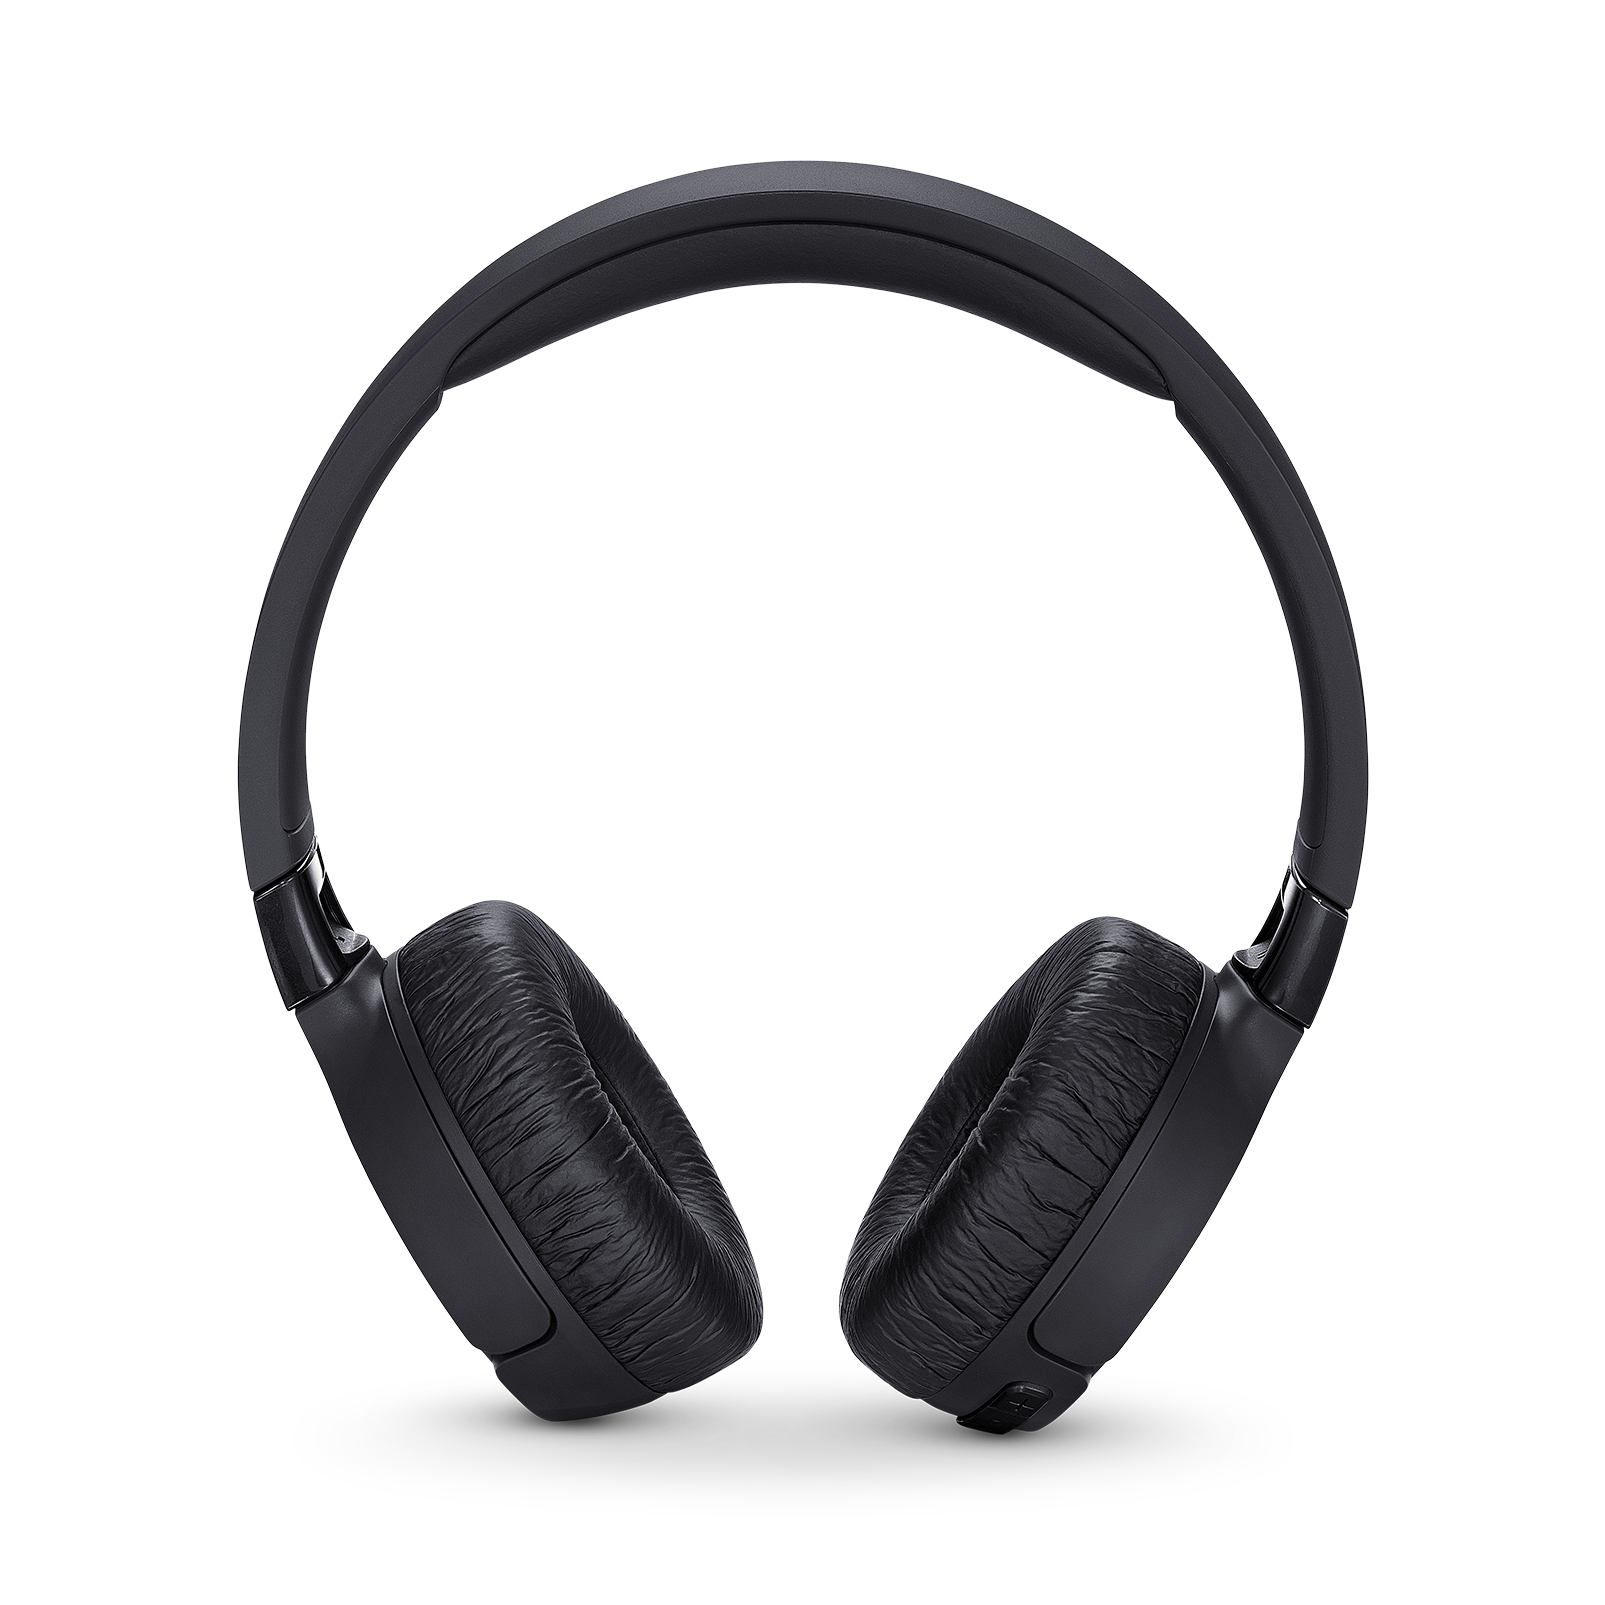 JBL TUNE 600BTNC Wireless On-Ear Noise-Cancelling